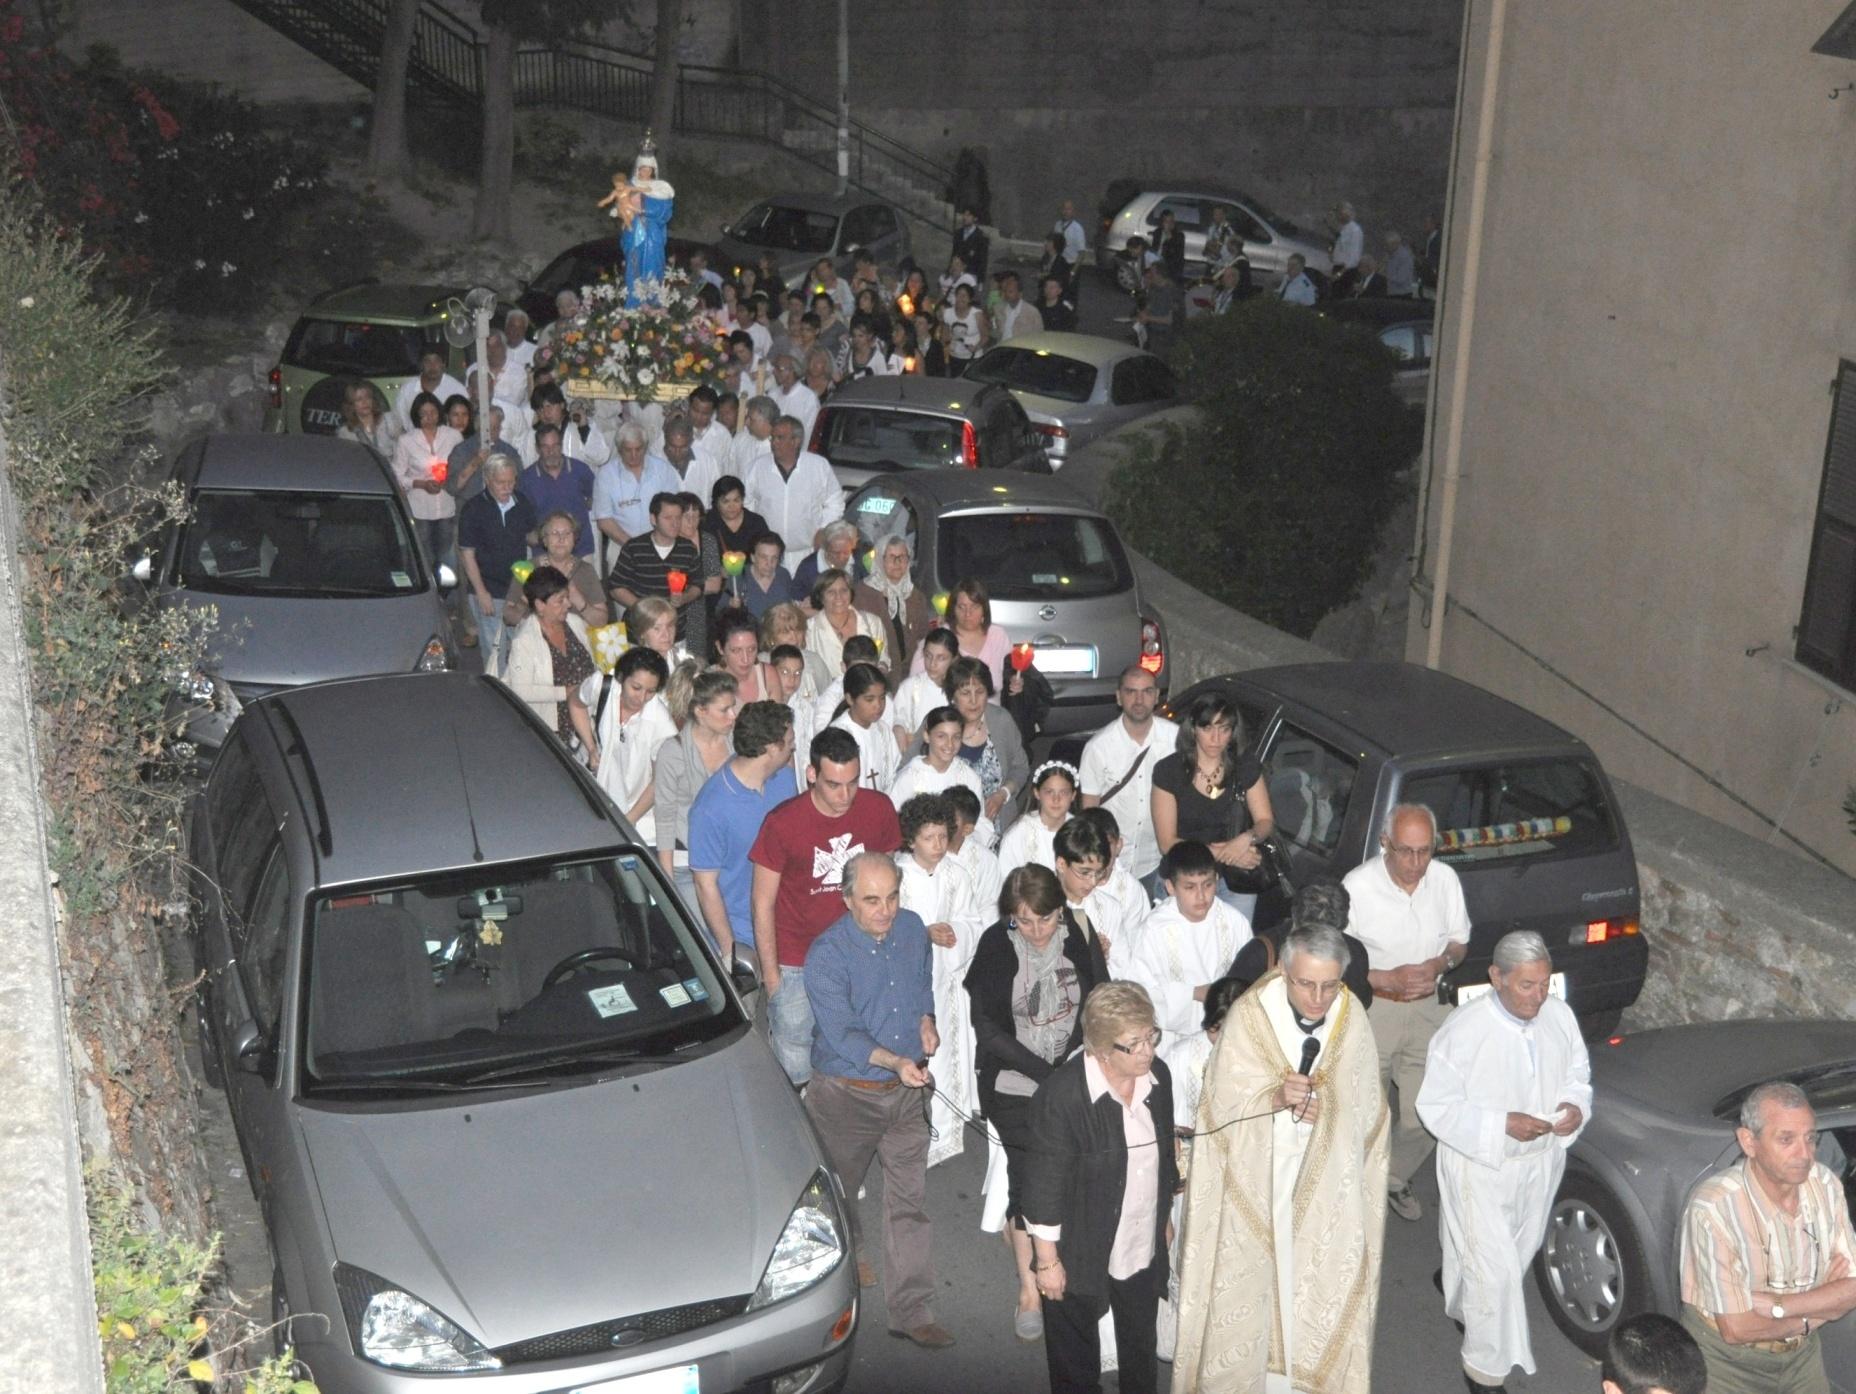 processione_madonna-2011-05-29-21-12-16